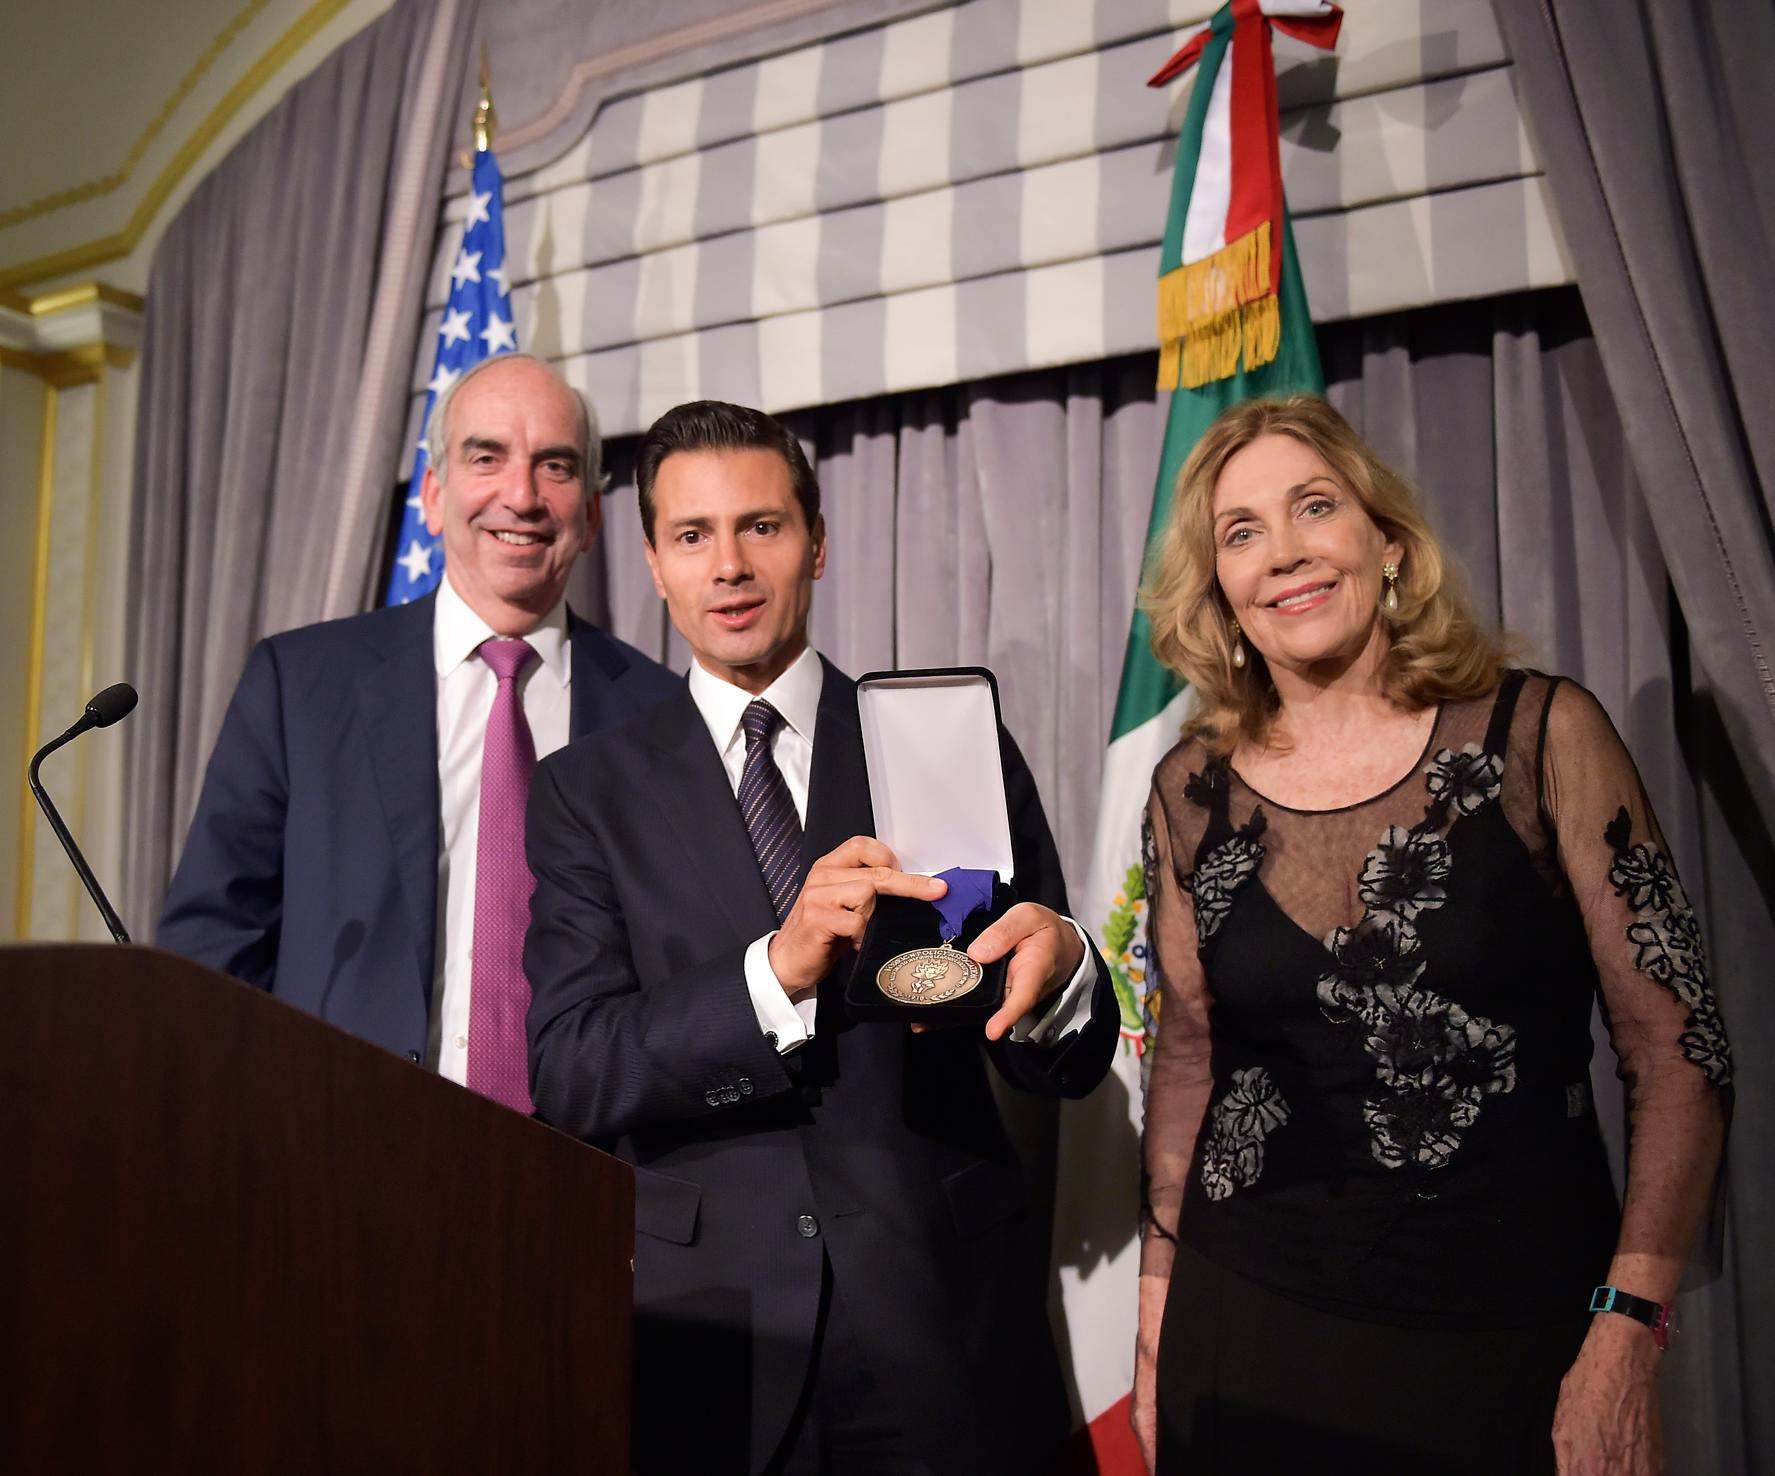 El galardón otorgado al Presidente Peña Nieto se confiere a los Jefes de Estado o de Gobierno que trabajan en el mejoramiento de relaciones internacionales responsables.